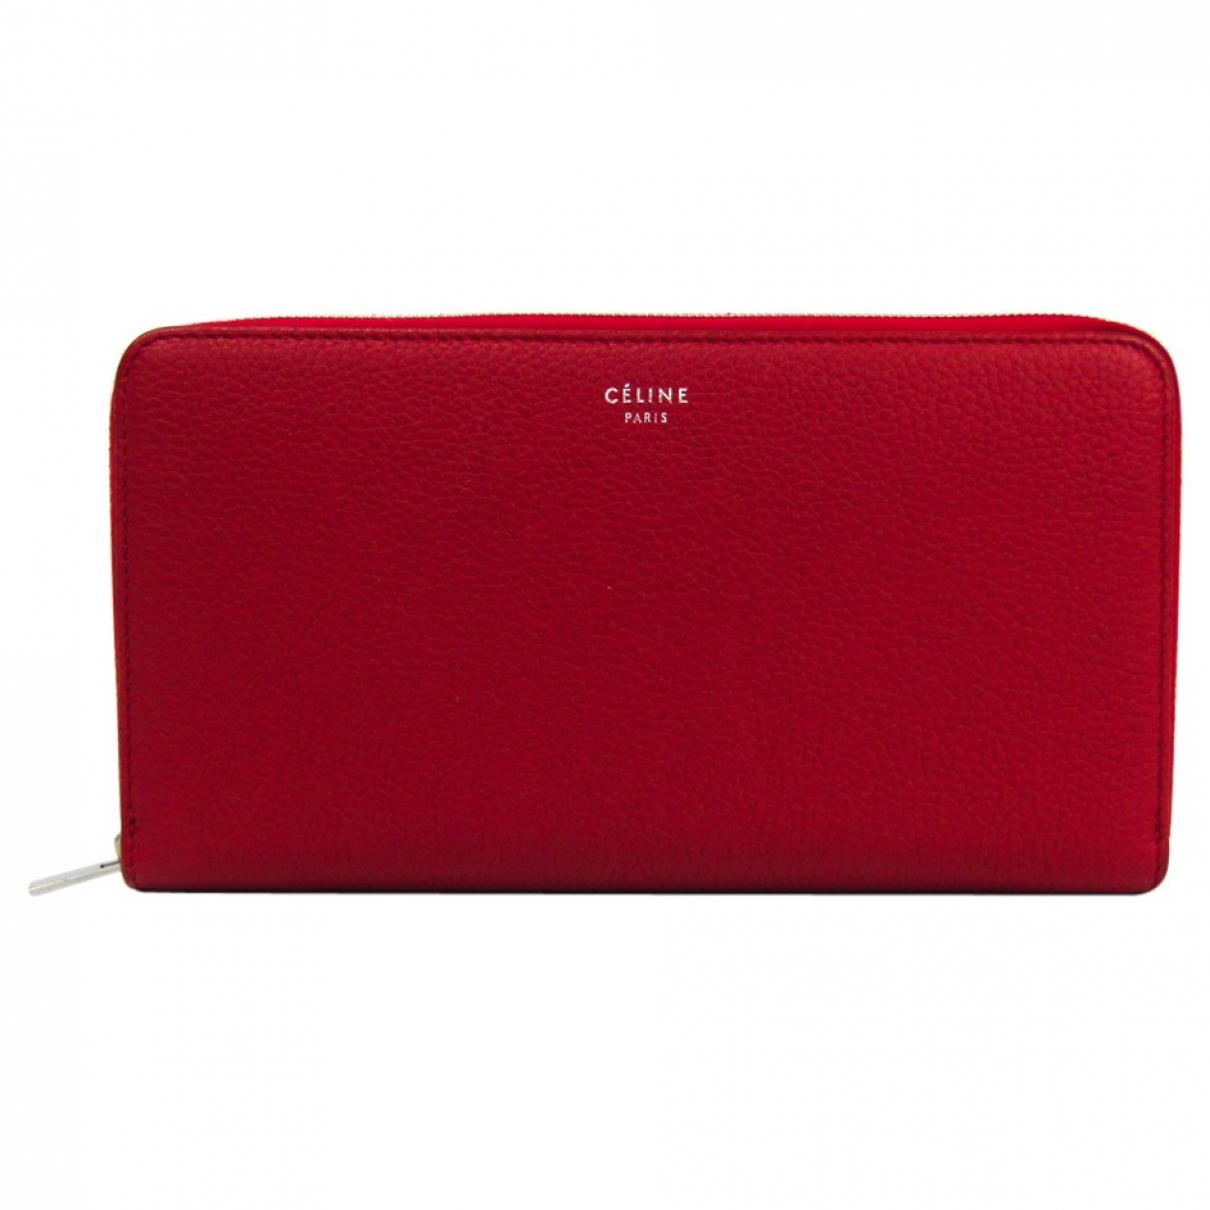 Celine - Portefeuille   pour femme en cuir - rouge